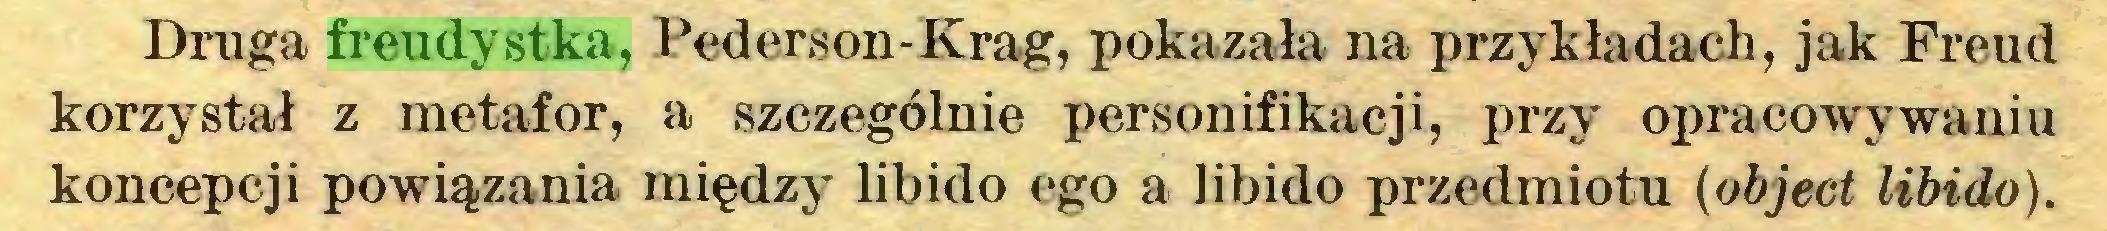 (...) Druga freudystka, Pederson-Krag, pokazała na przykładach, jak Freud korzystał z metafor, a szczególnie personifikacji, przy opracowywaniu koncepcji powiązania między libido ego a libido przedmiotu (object libido)...